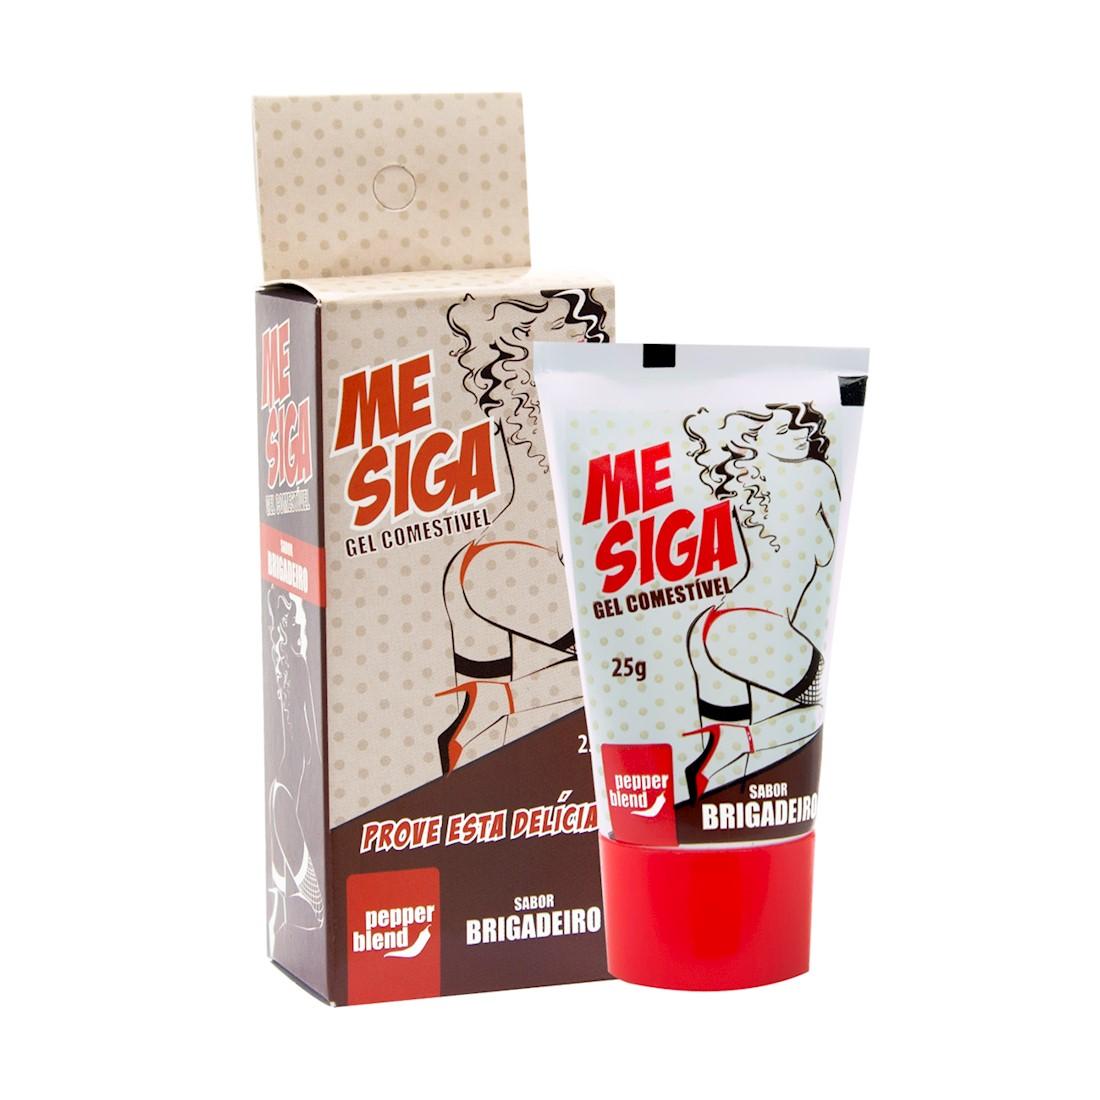 Me Siga Brigadeiro Gel Comestível 25g - Pepper Blend